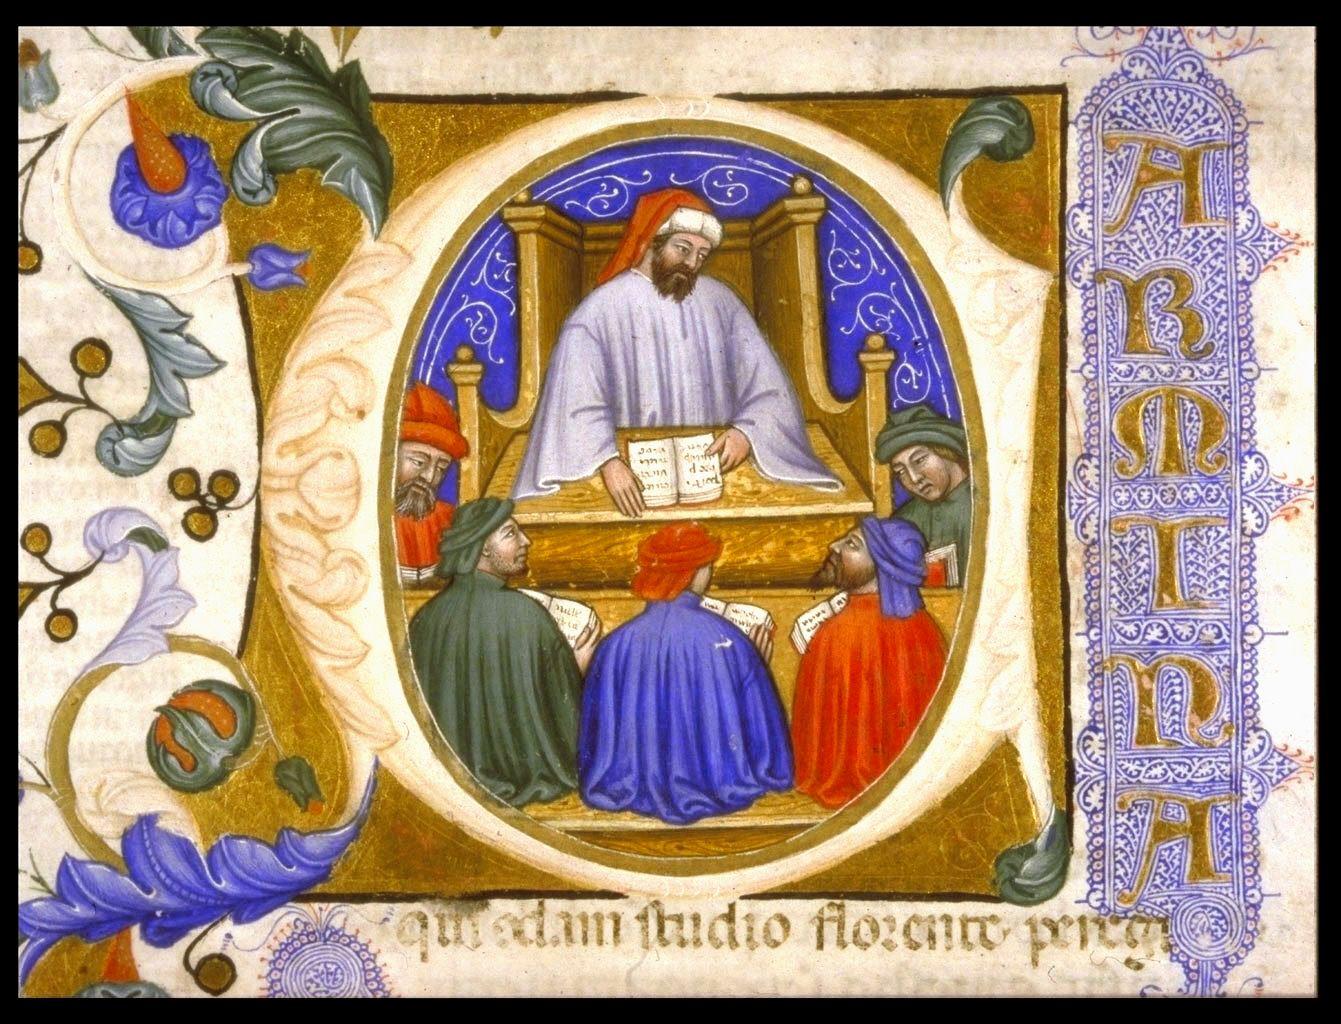 Boethius_initial_consolation_philosophy